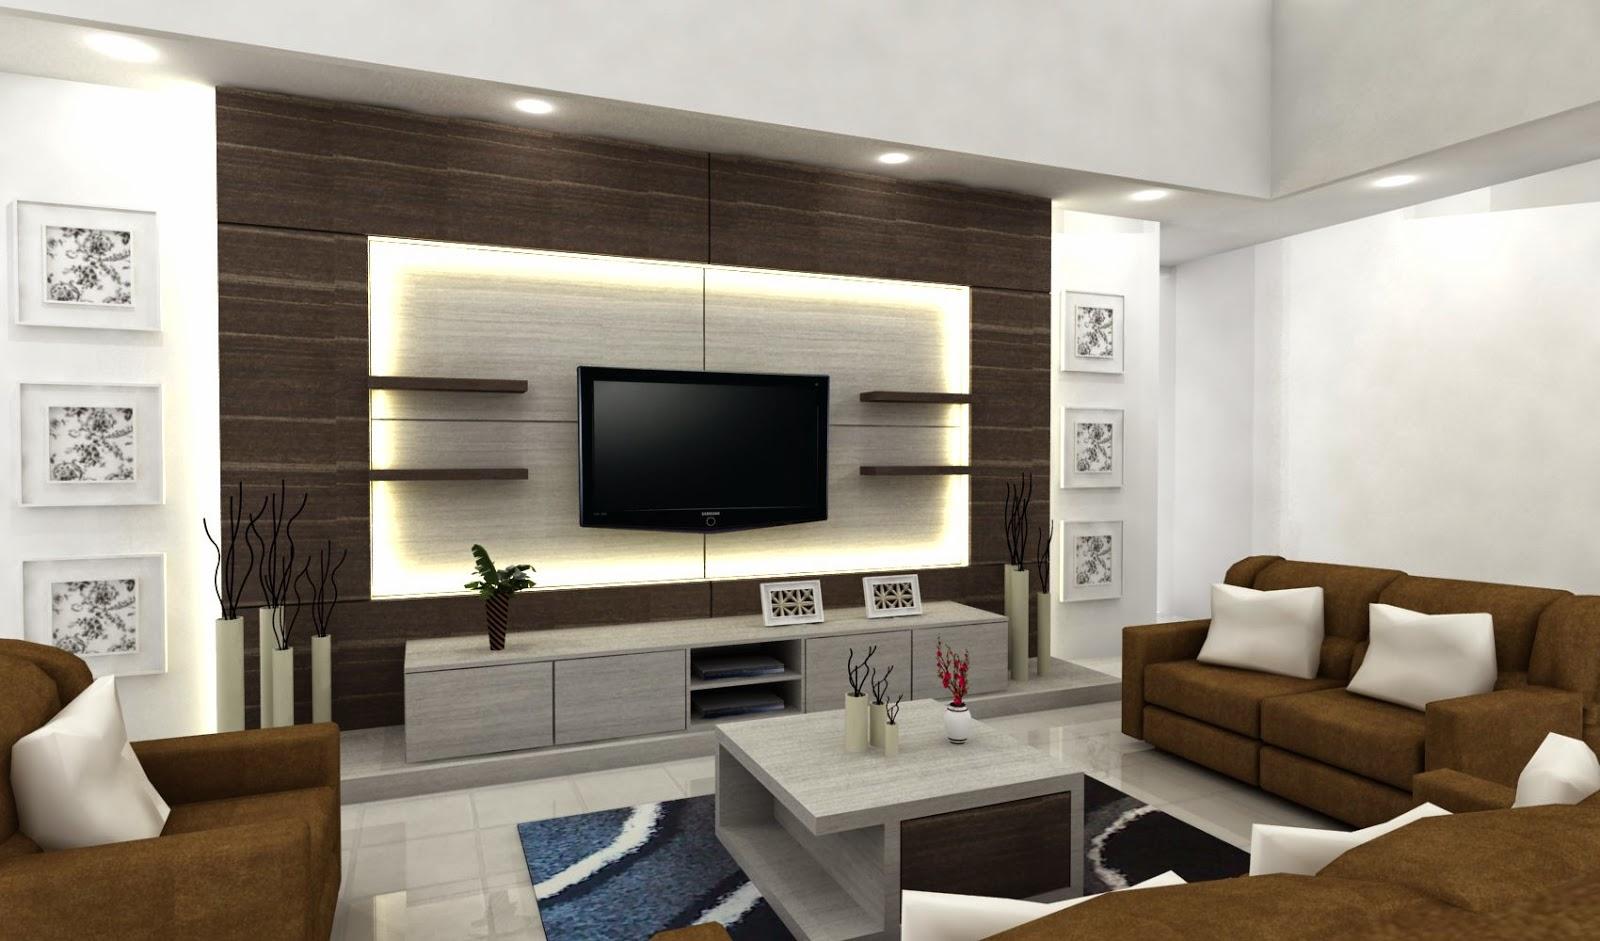 Desain ruang keluarga minimalis 3 desain rumah minimalis - Gambar interior design ...